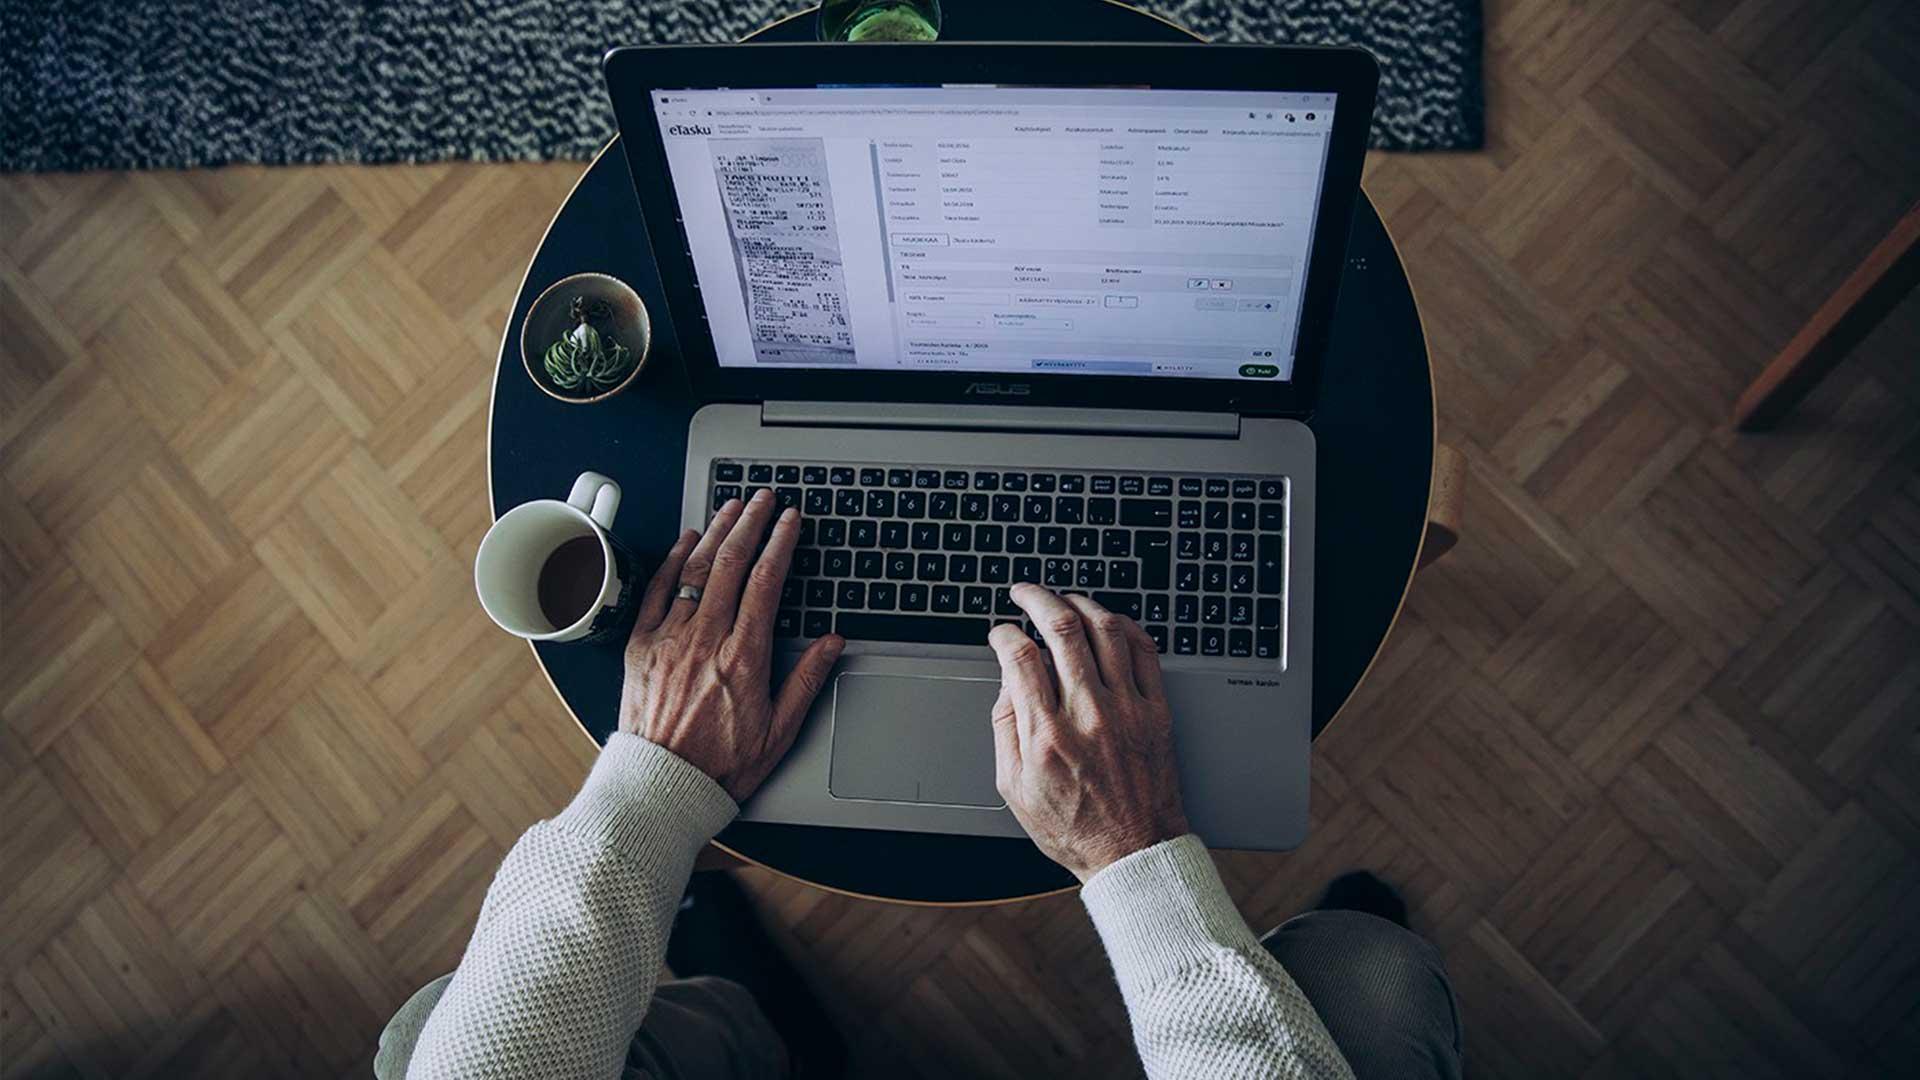 Yrittäjä, miten sinä säilytät firmasi tärkeitä dokumentteja?